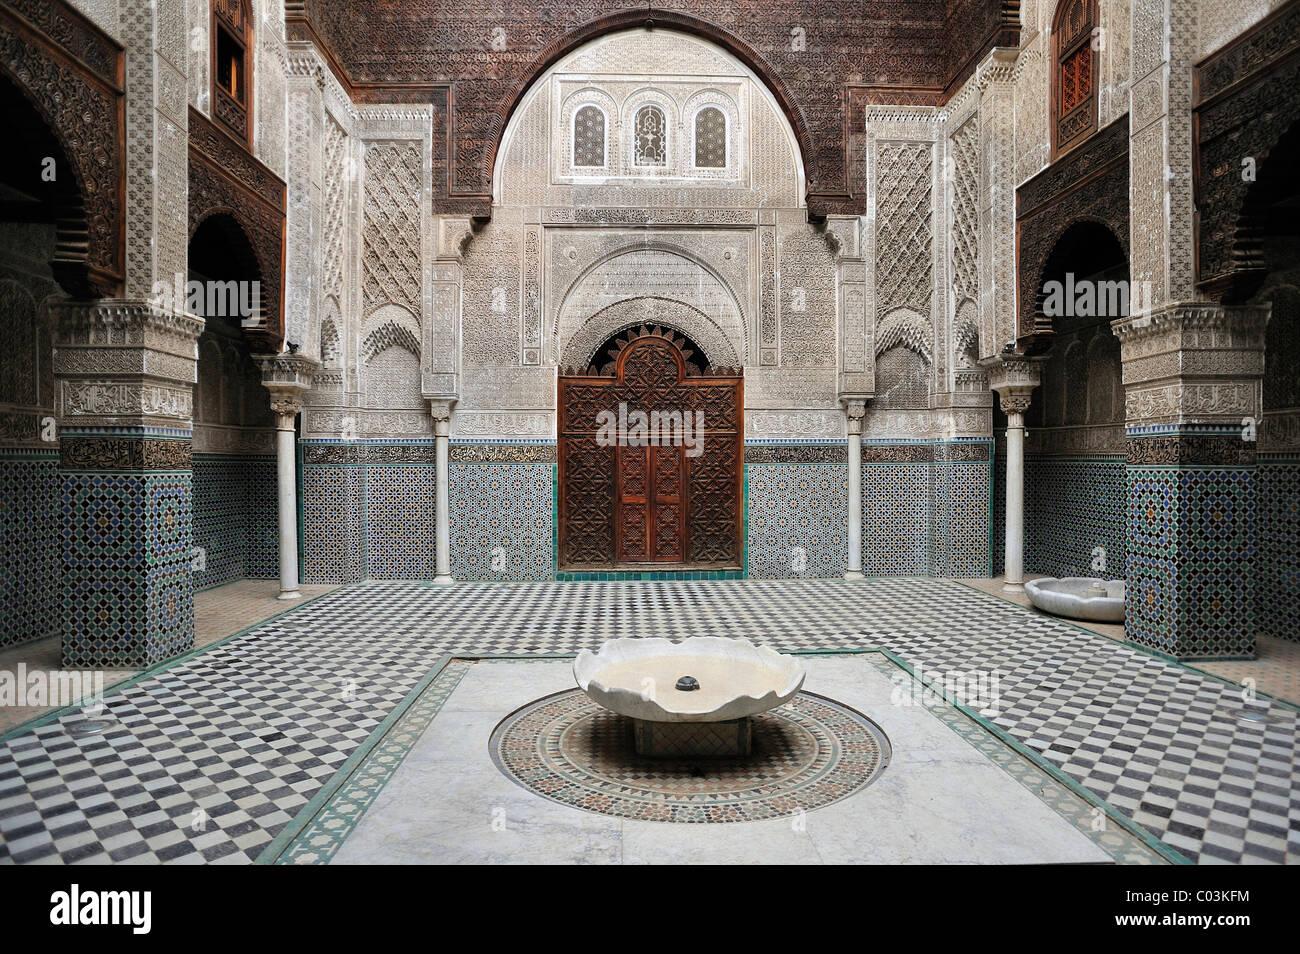 Innenhof Der Medersa Attarine Mit Waschen Brunnen, Mauern Und